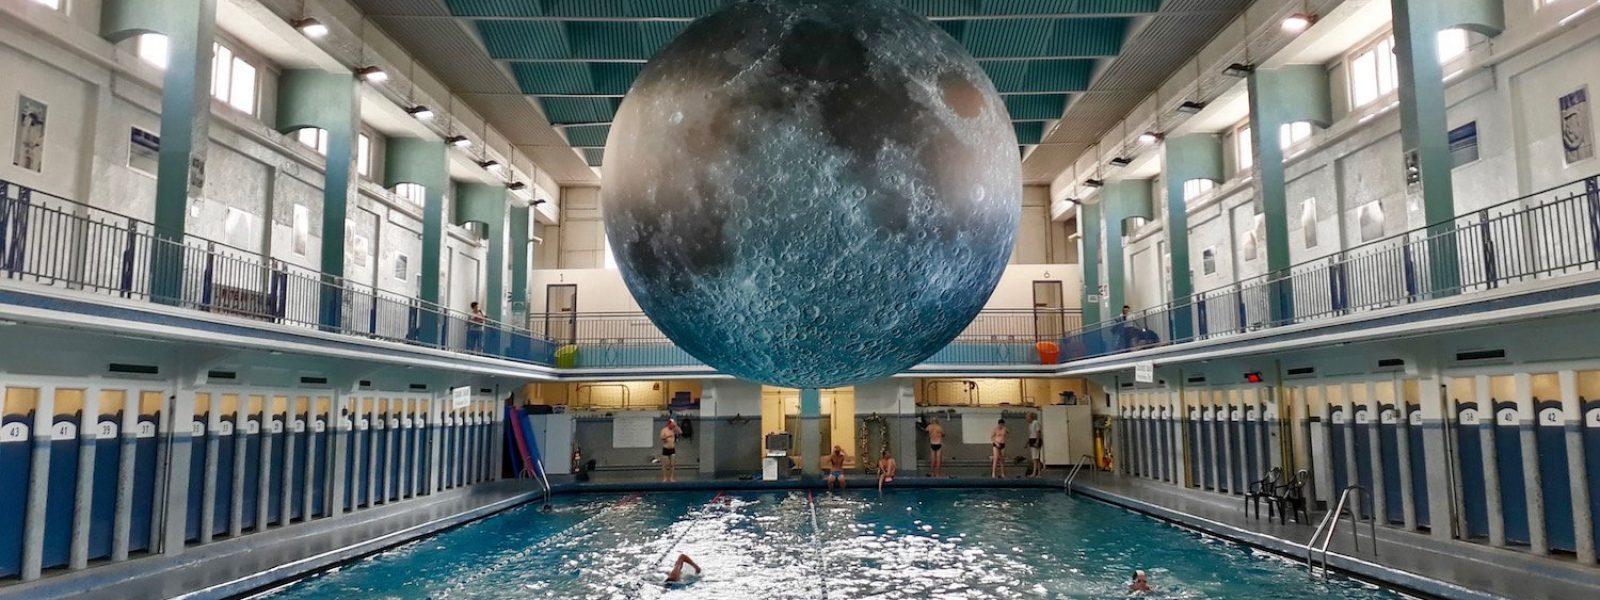 «Museum of the Moon» de Luke Jerram à la piscine Saint-Georges à Rennes